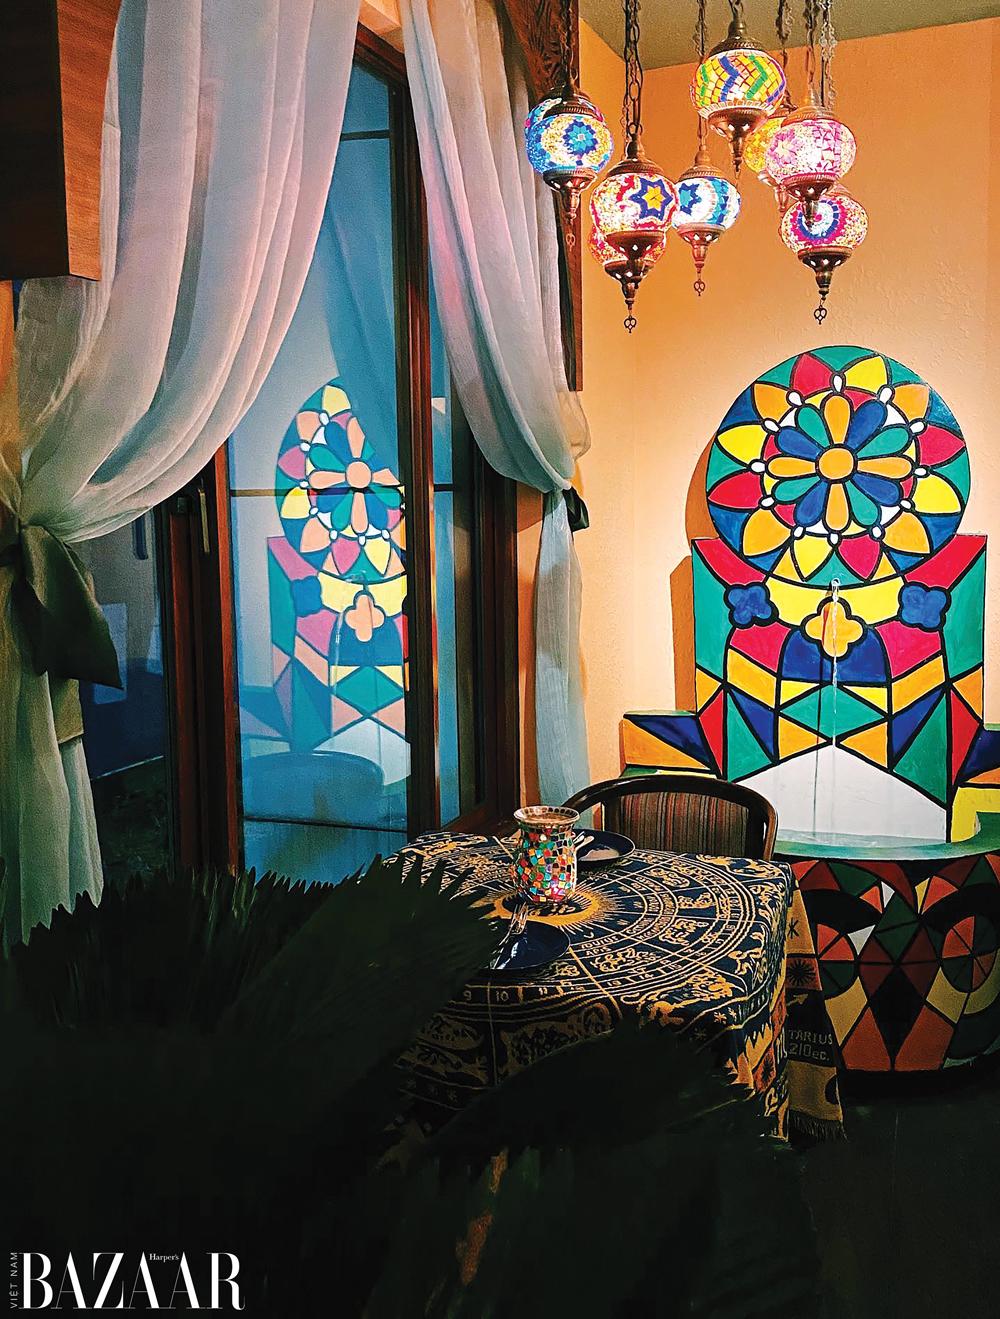 Amun Restaurant & Lounge nằm trên tầng 3 của một tòa nhà tọa lạc ngay giữa lòng Sài Gòn hoa lệ